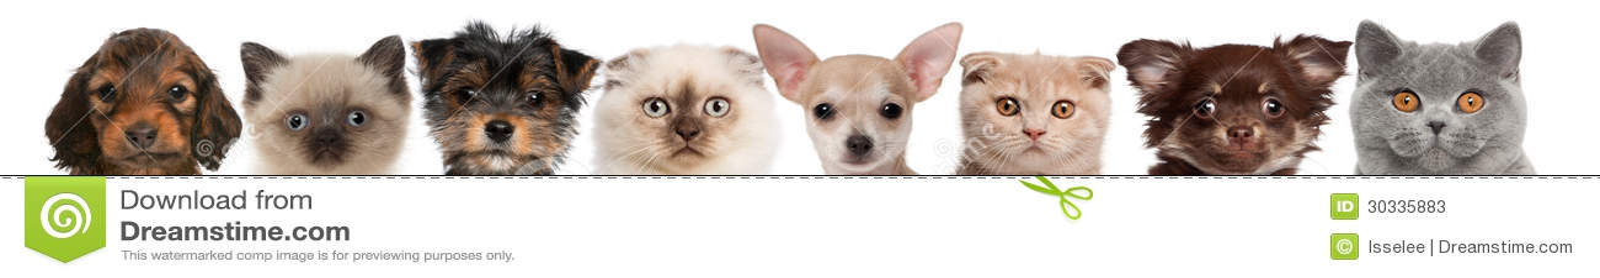 Gruppen av kantjusterat beskådar av katt och förföljer huvud